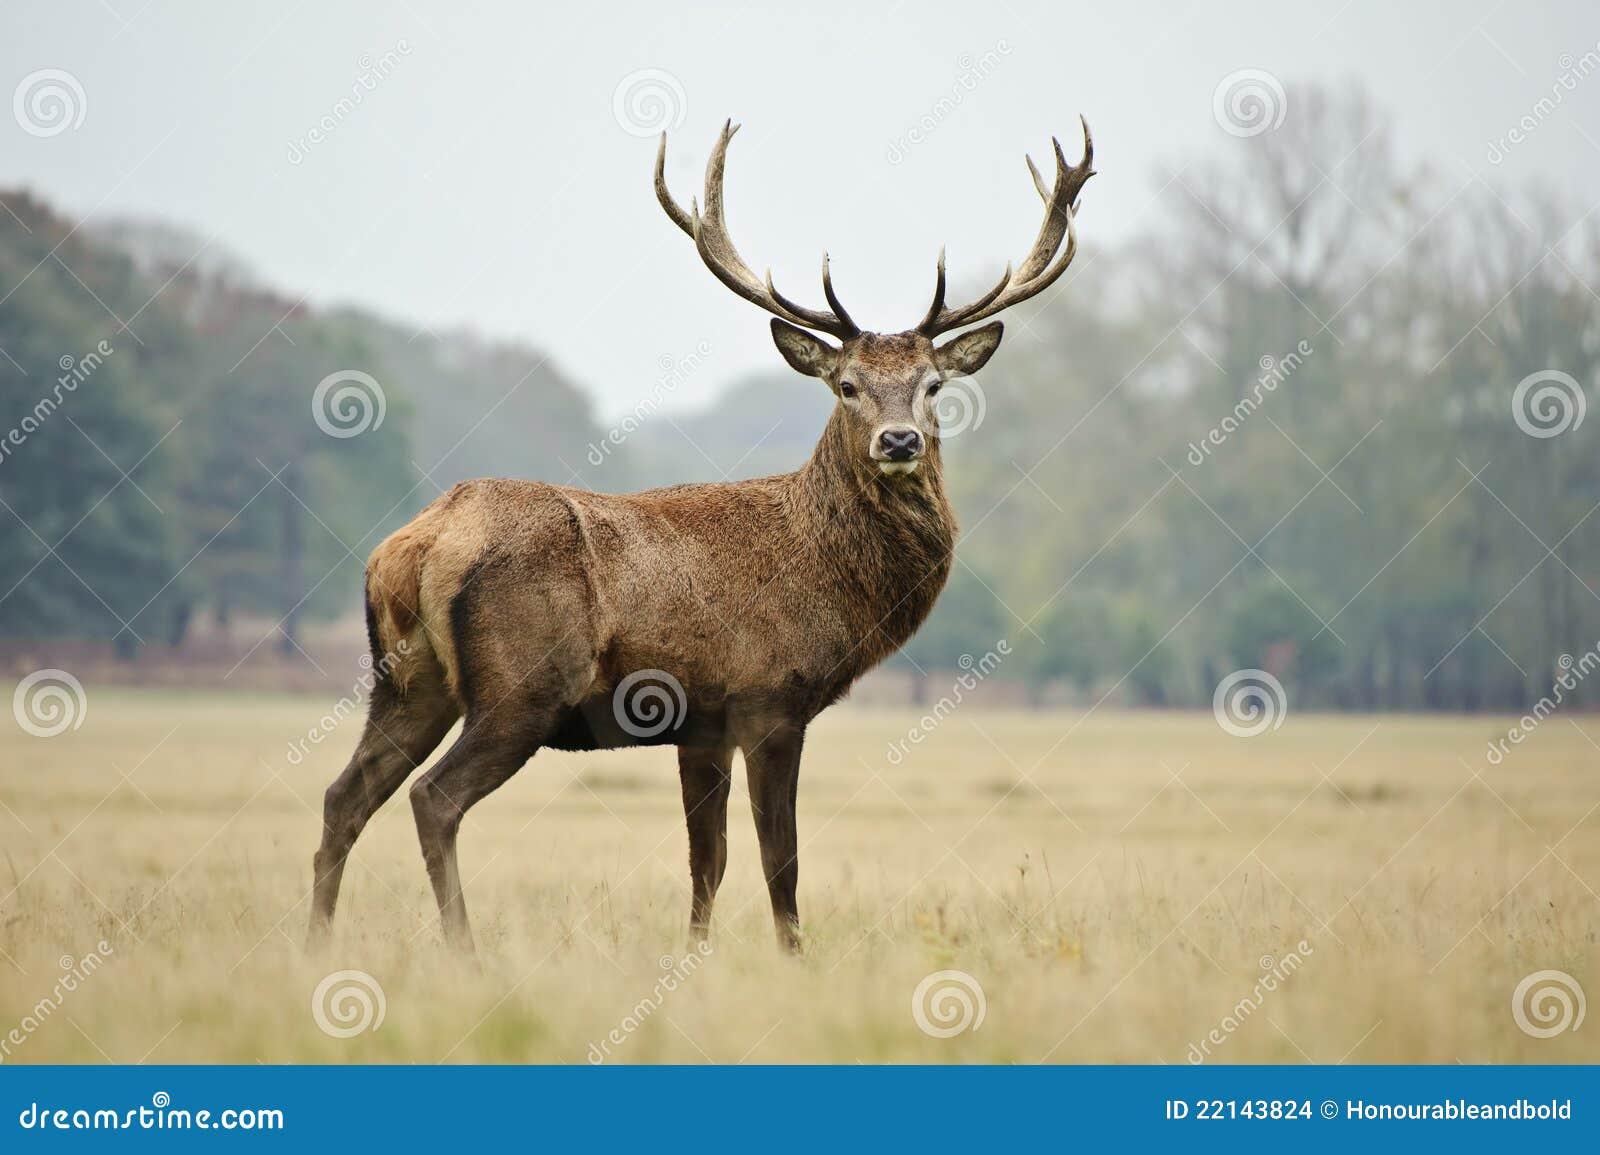 Portrait des majestätischen Hirsches der roten Rotwild im Herbst-Fall